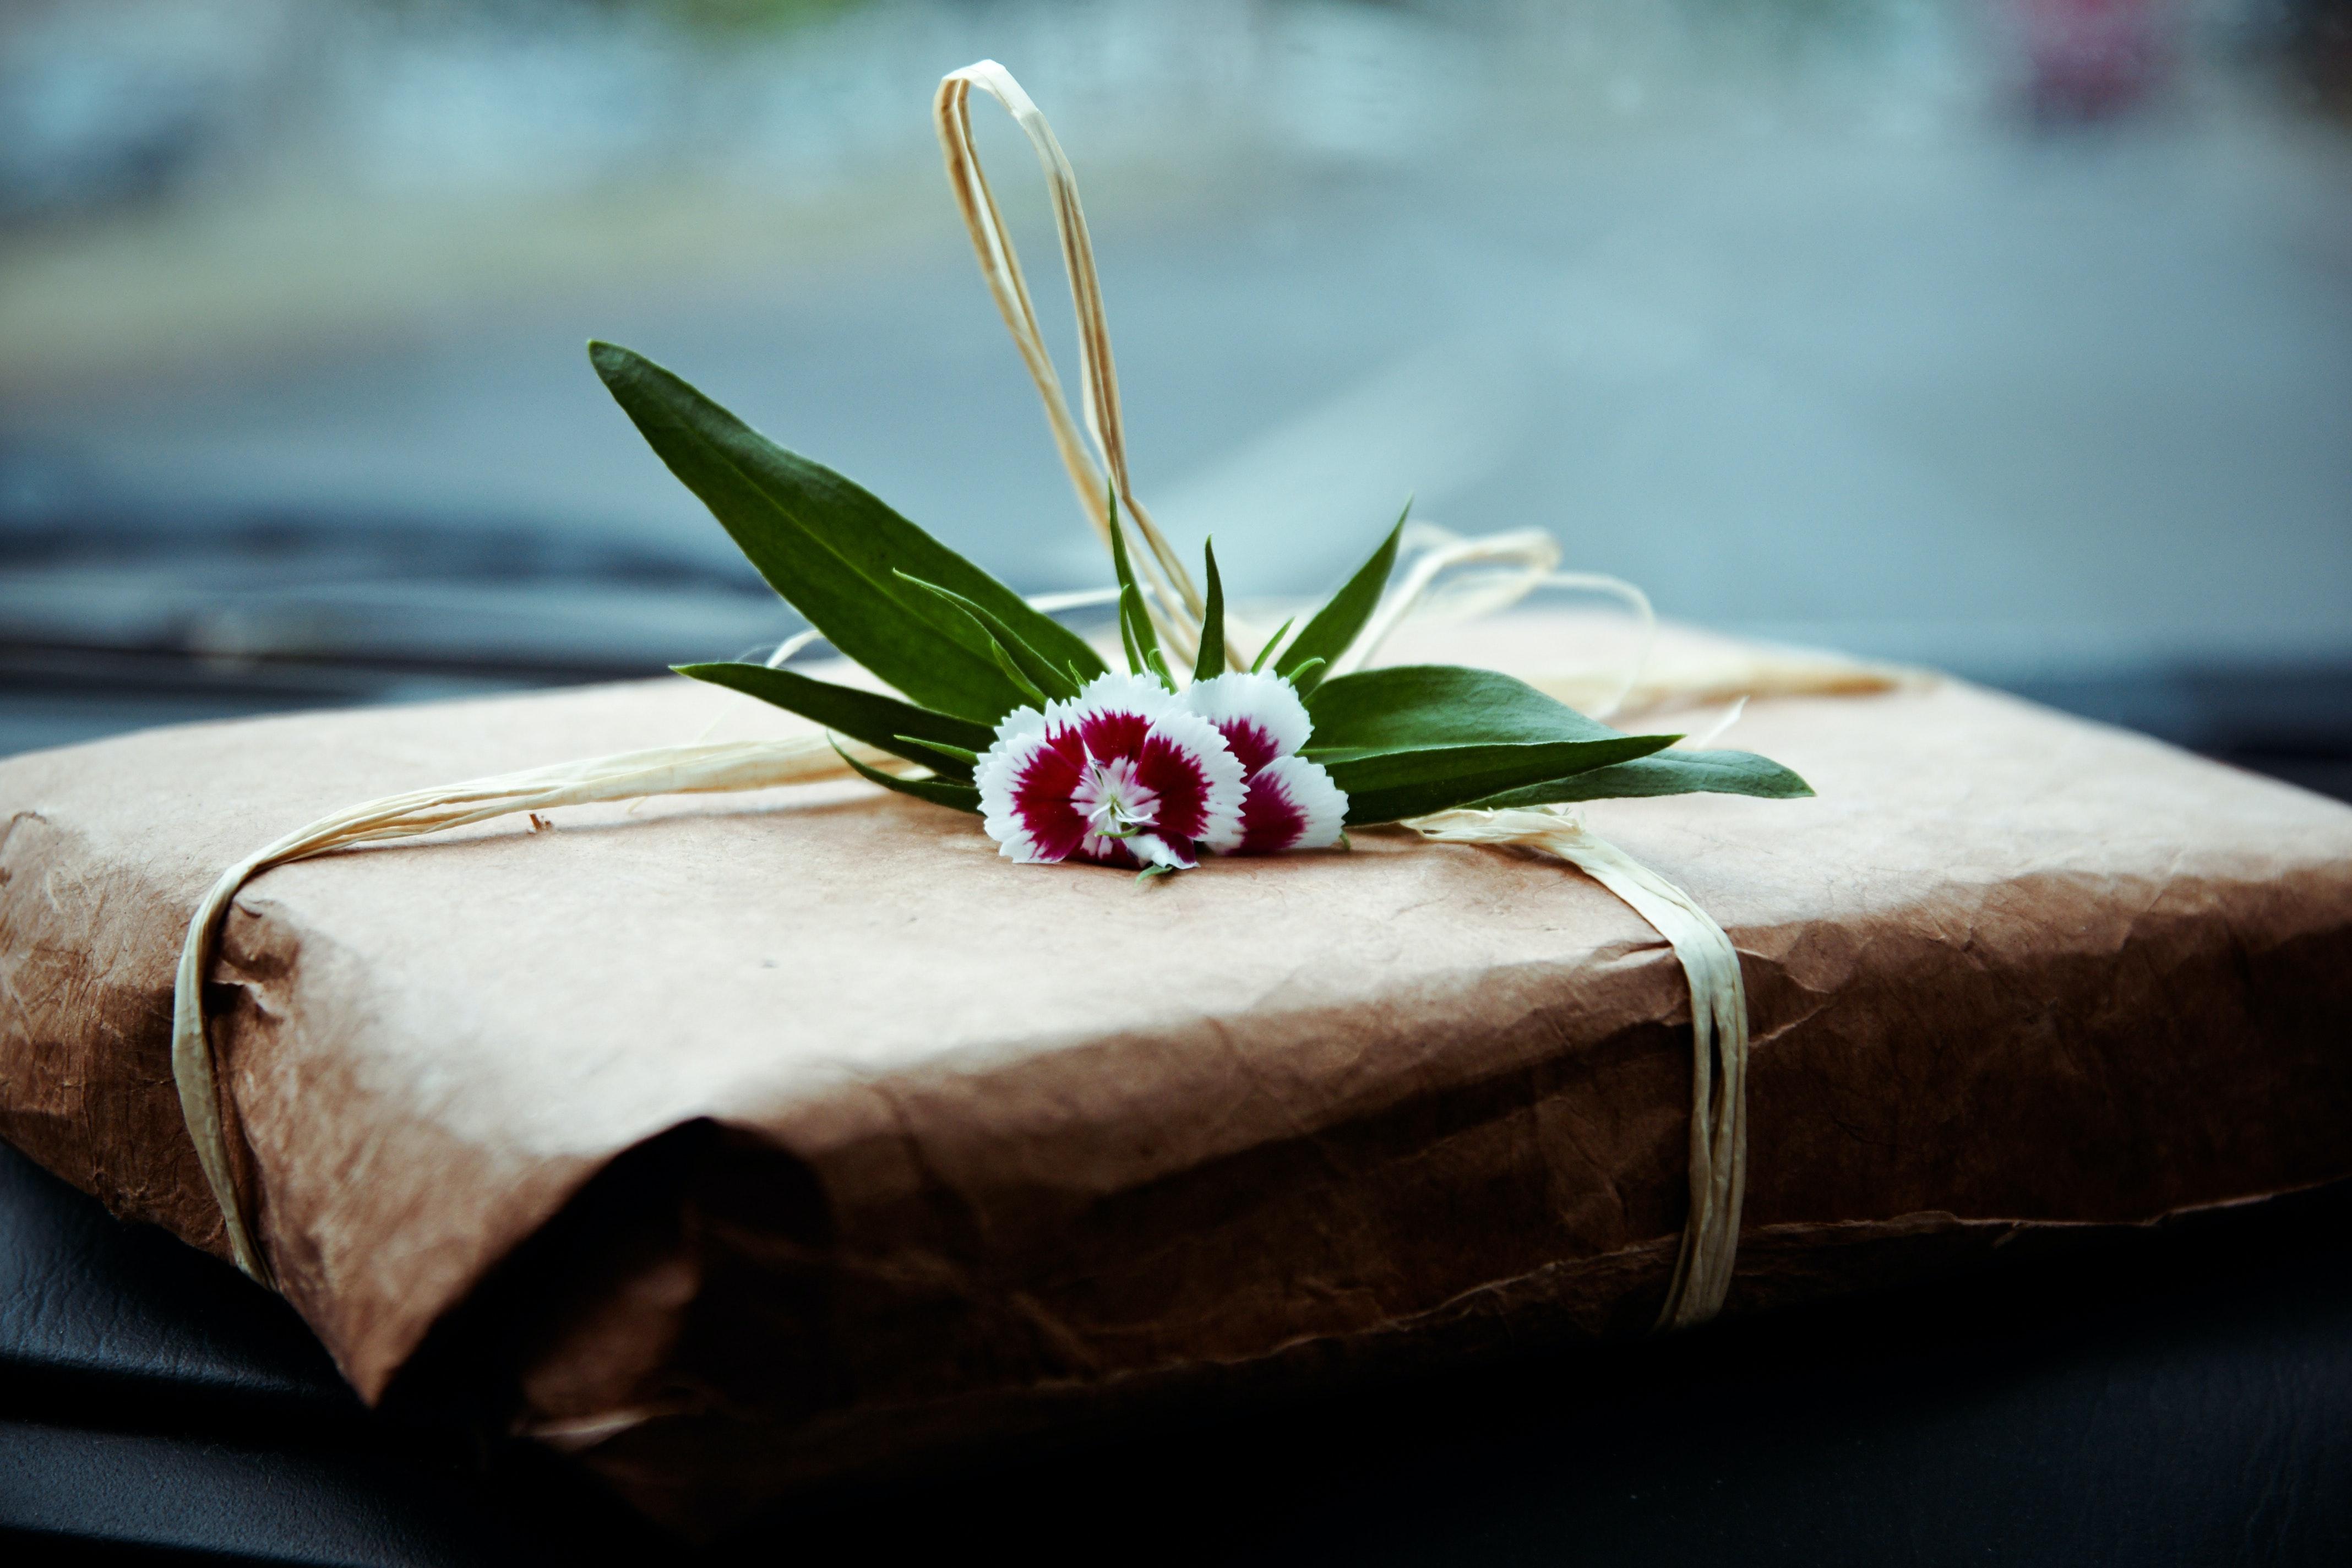 Geschenke beamte.7d88be5bf896781d42b1f40f7c9dc01d9